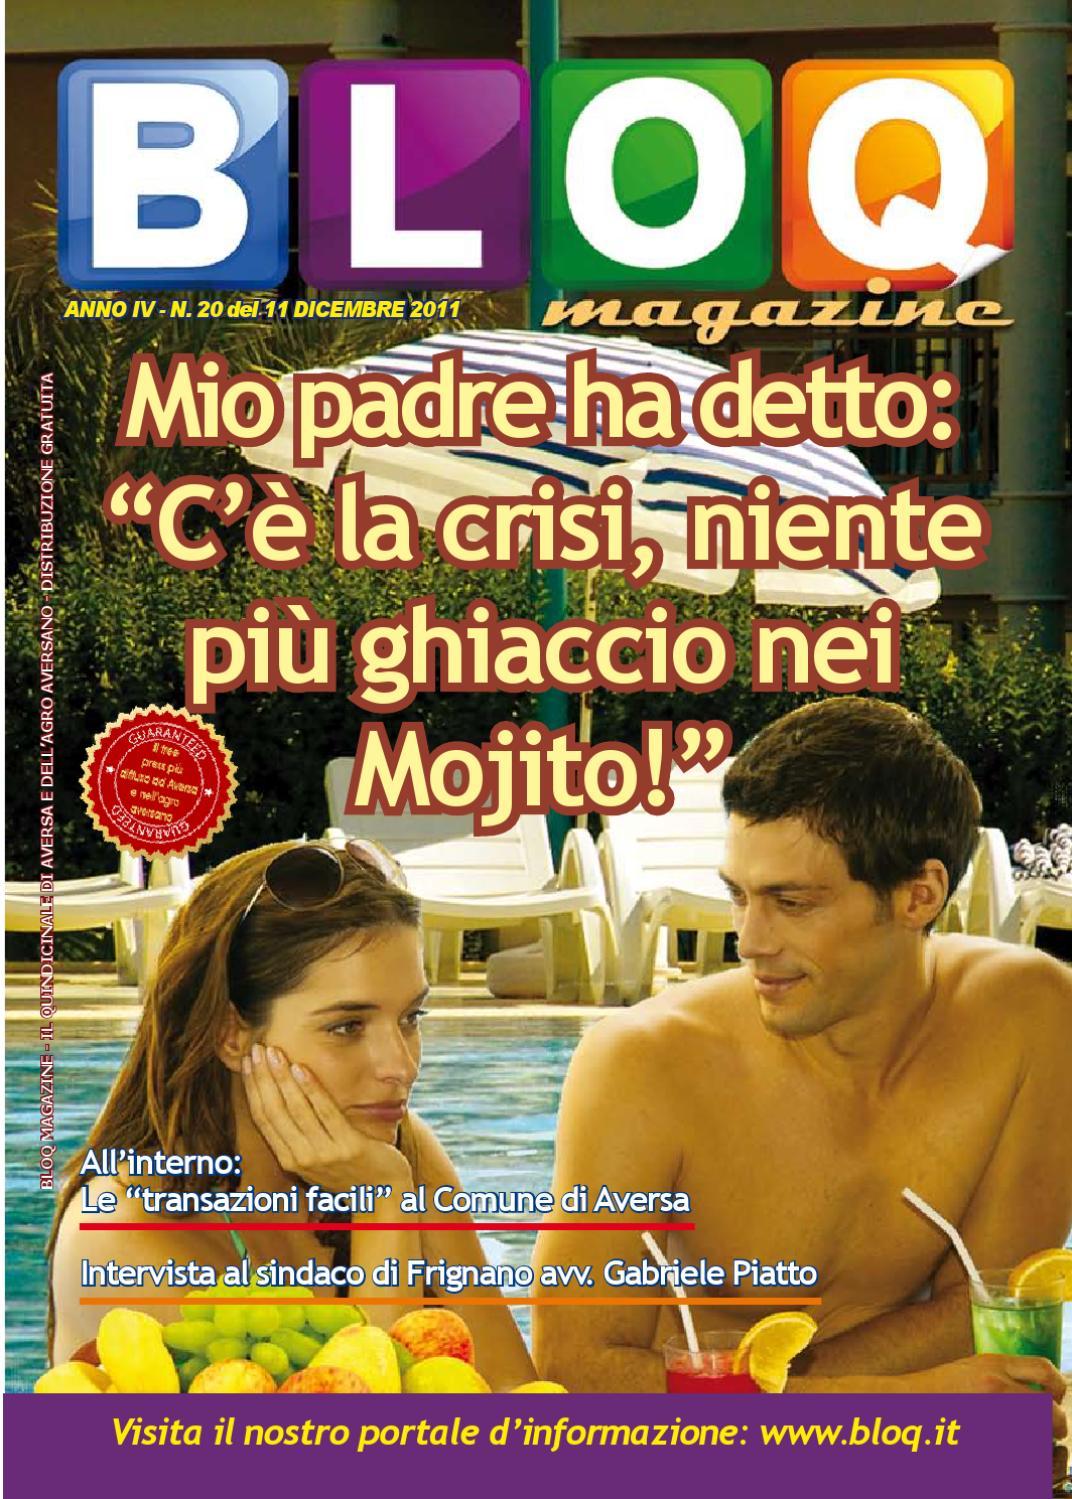 BLOQ MAGAZINE 11 DICEMBRE 2011 By Bloq Magazine Issuu